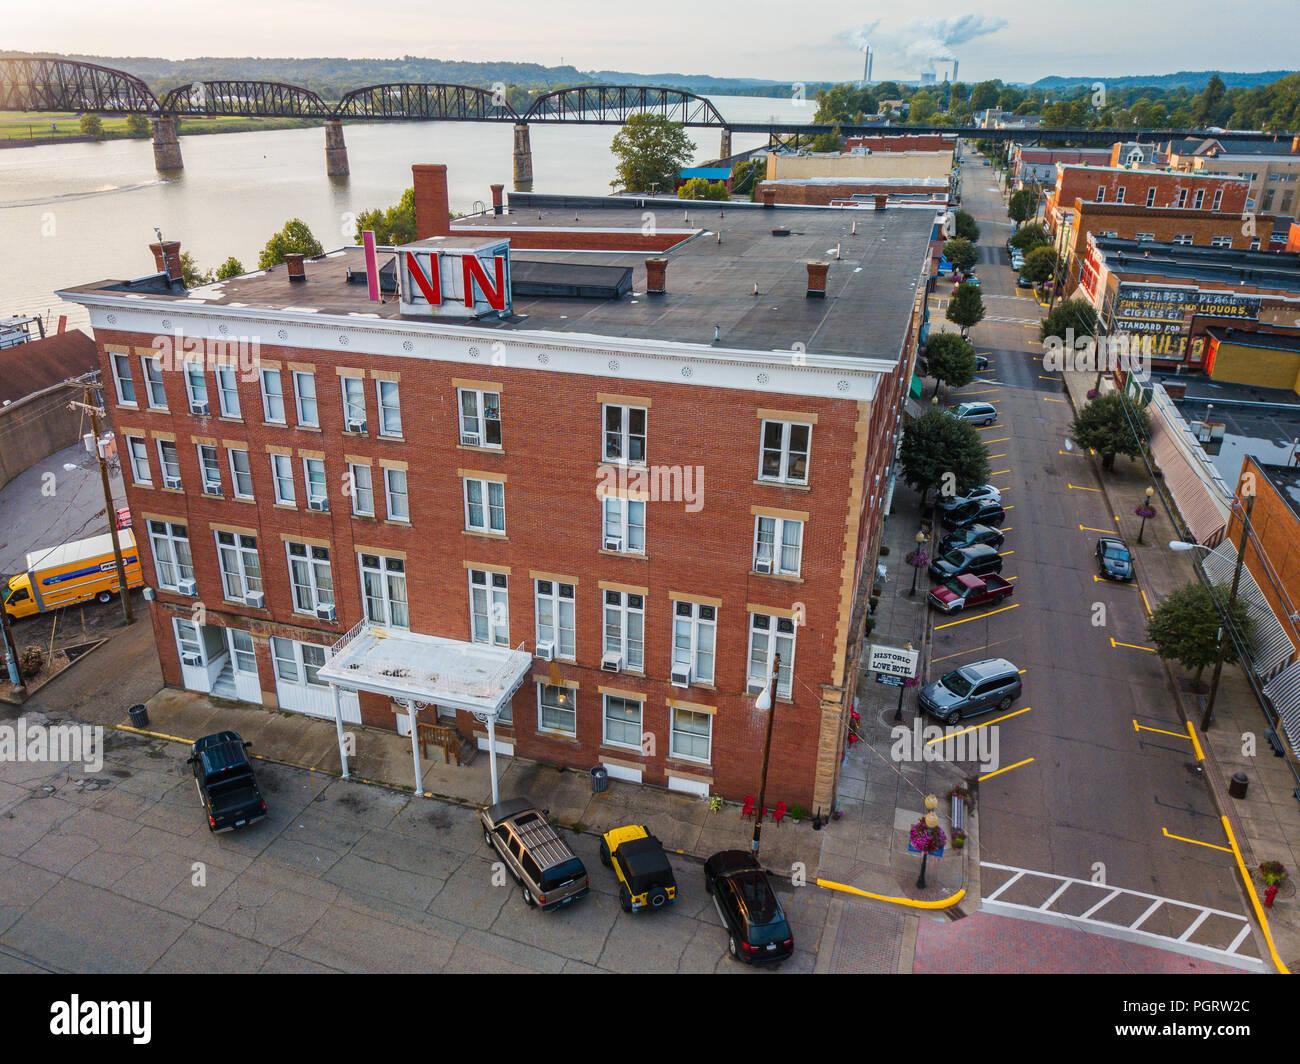 Une vue aérienne sur la rue principale de Point Pleasant, en Virginie de l'Ouest avec l'historique Hôtel Lowe à la vue. Photo Stock